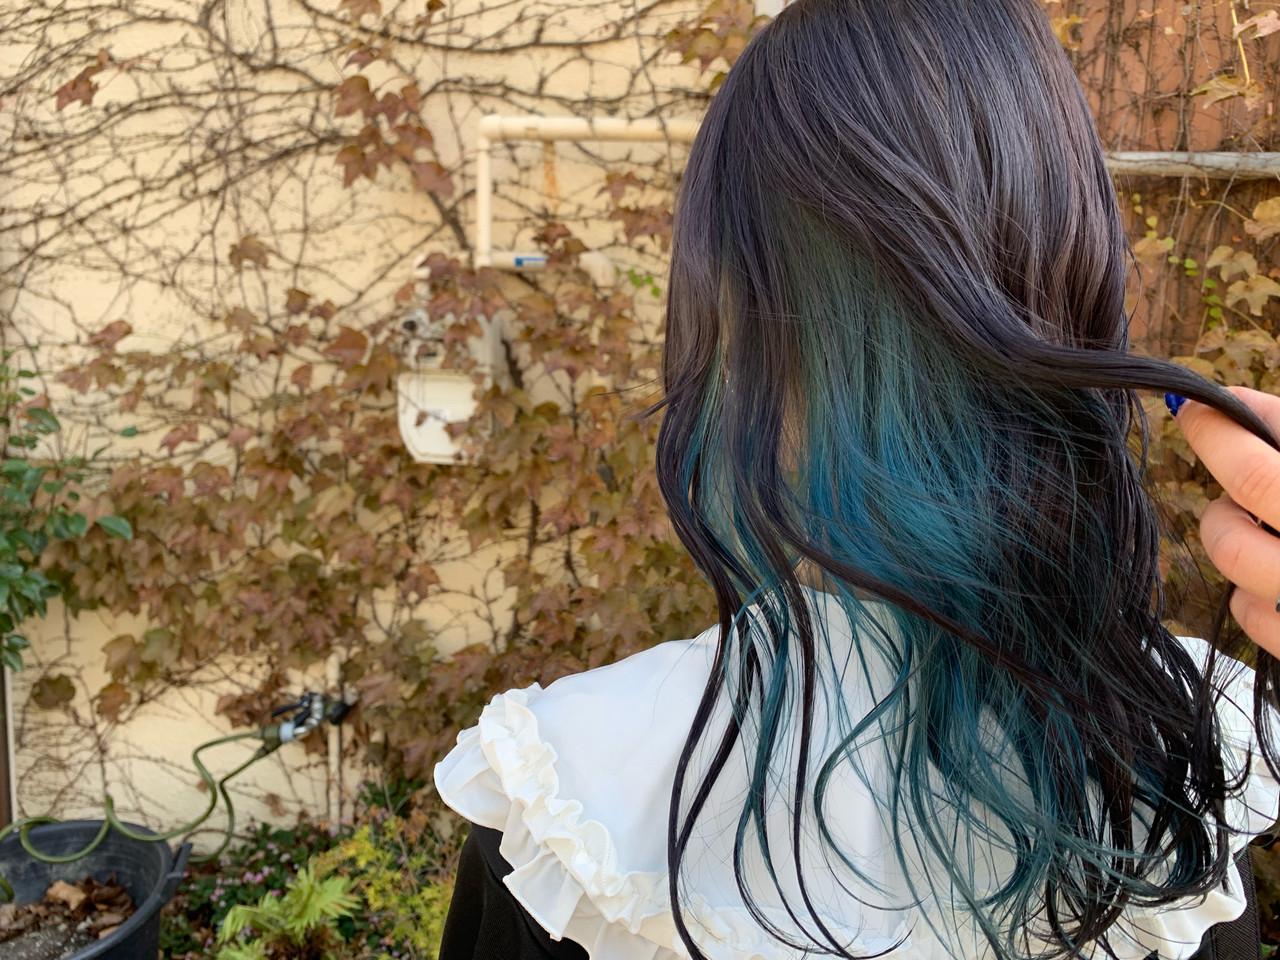 ターコイズブルー インナーカラー ユニコーンカラー ブルーアッシュ ヘアスタイルや髪型の写真・画像